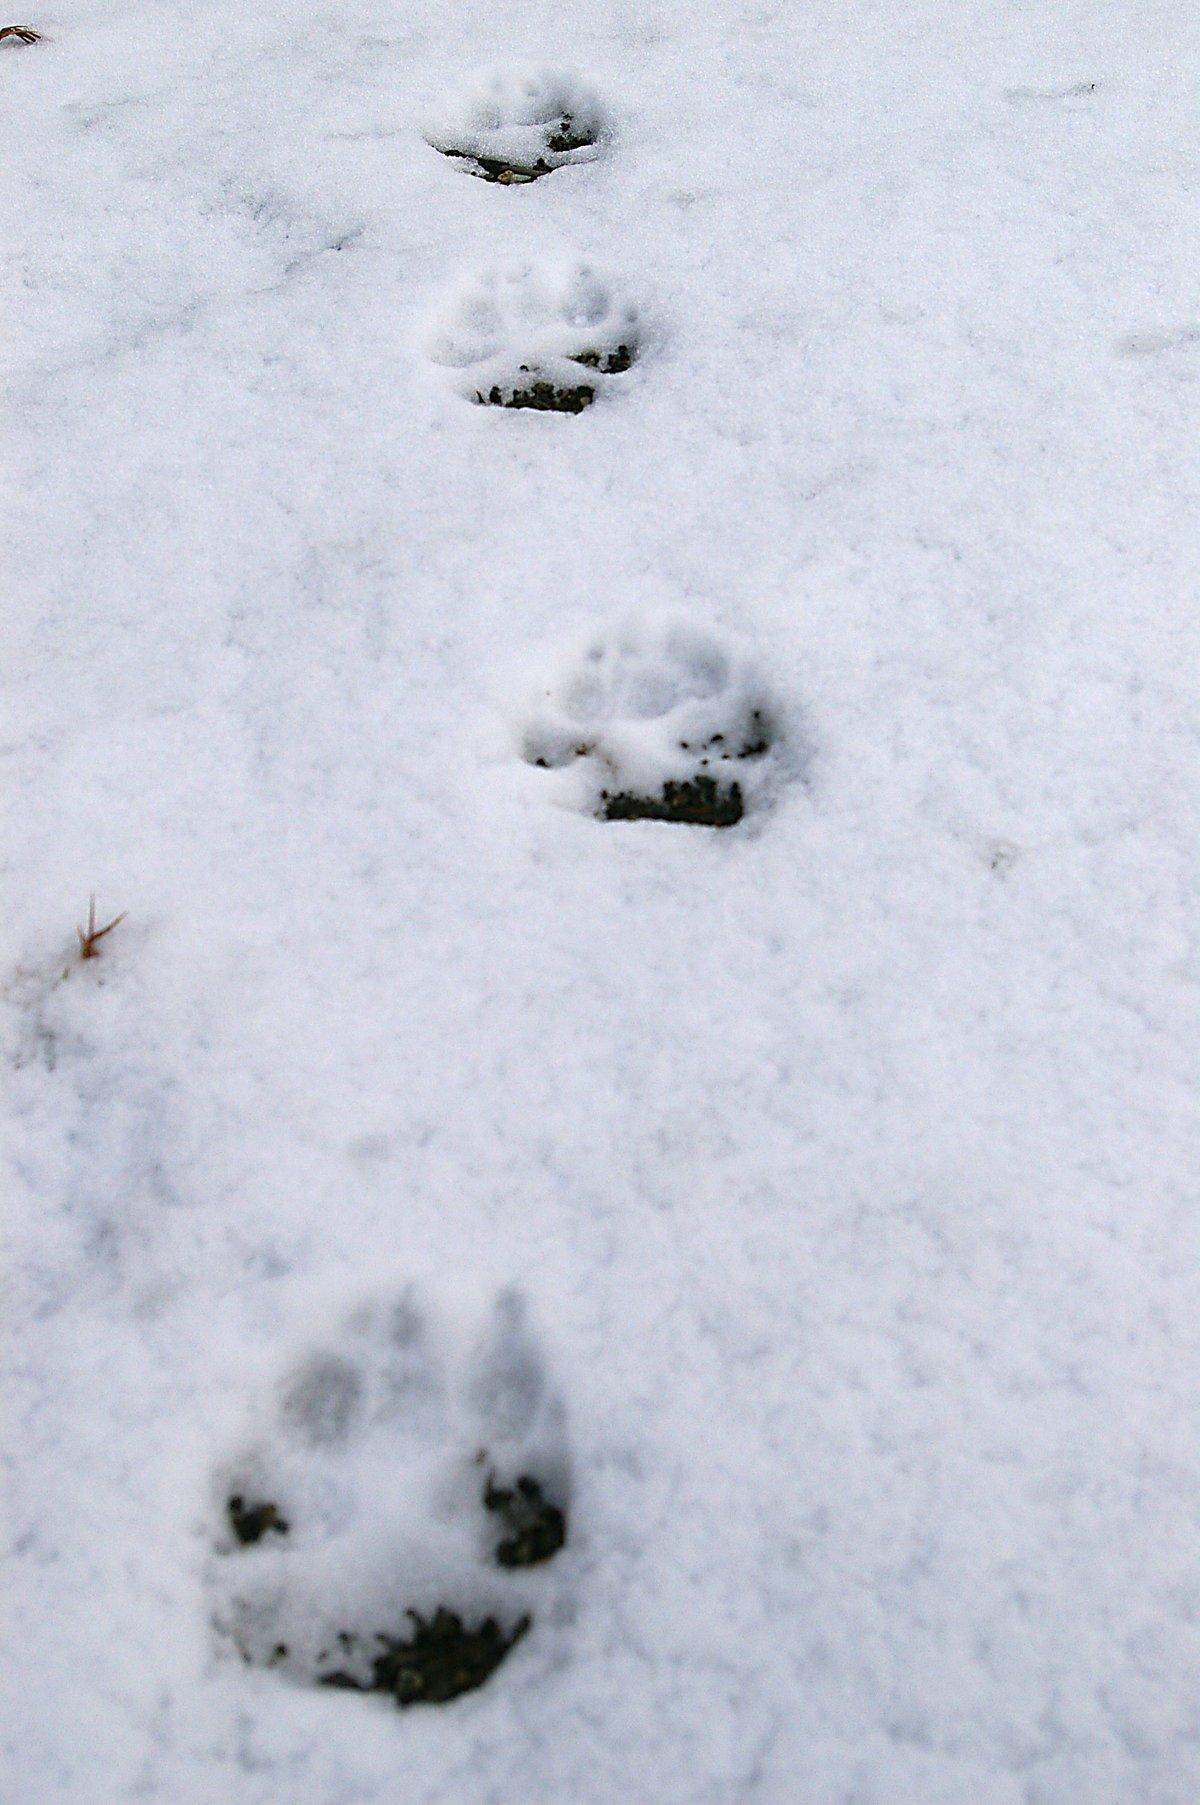 след волка на снегу фото способ применим для